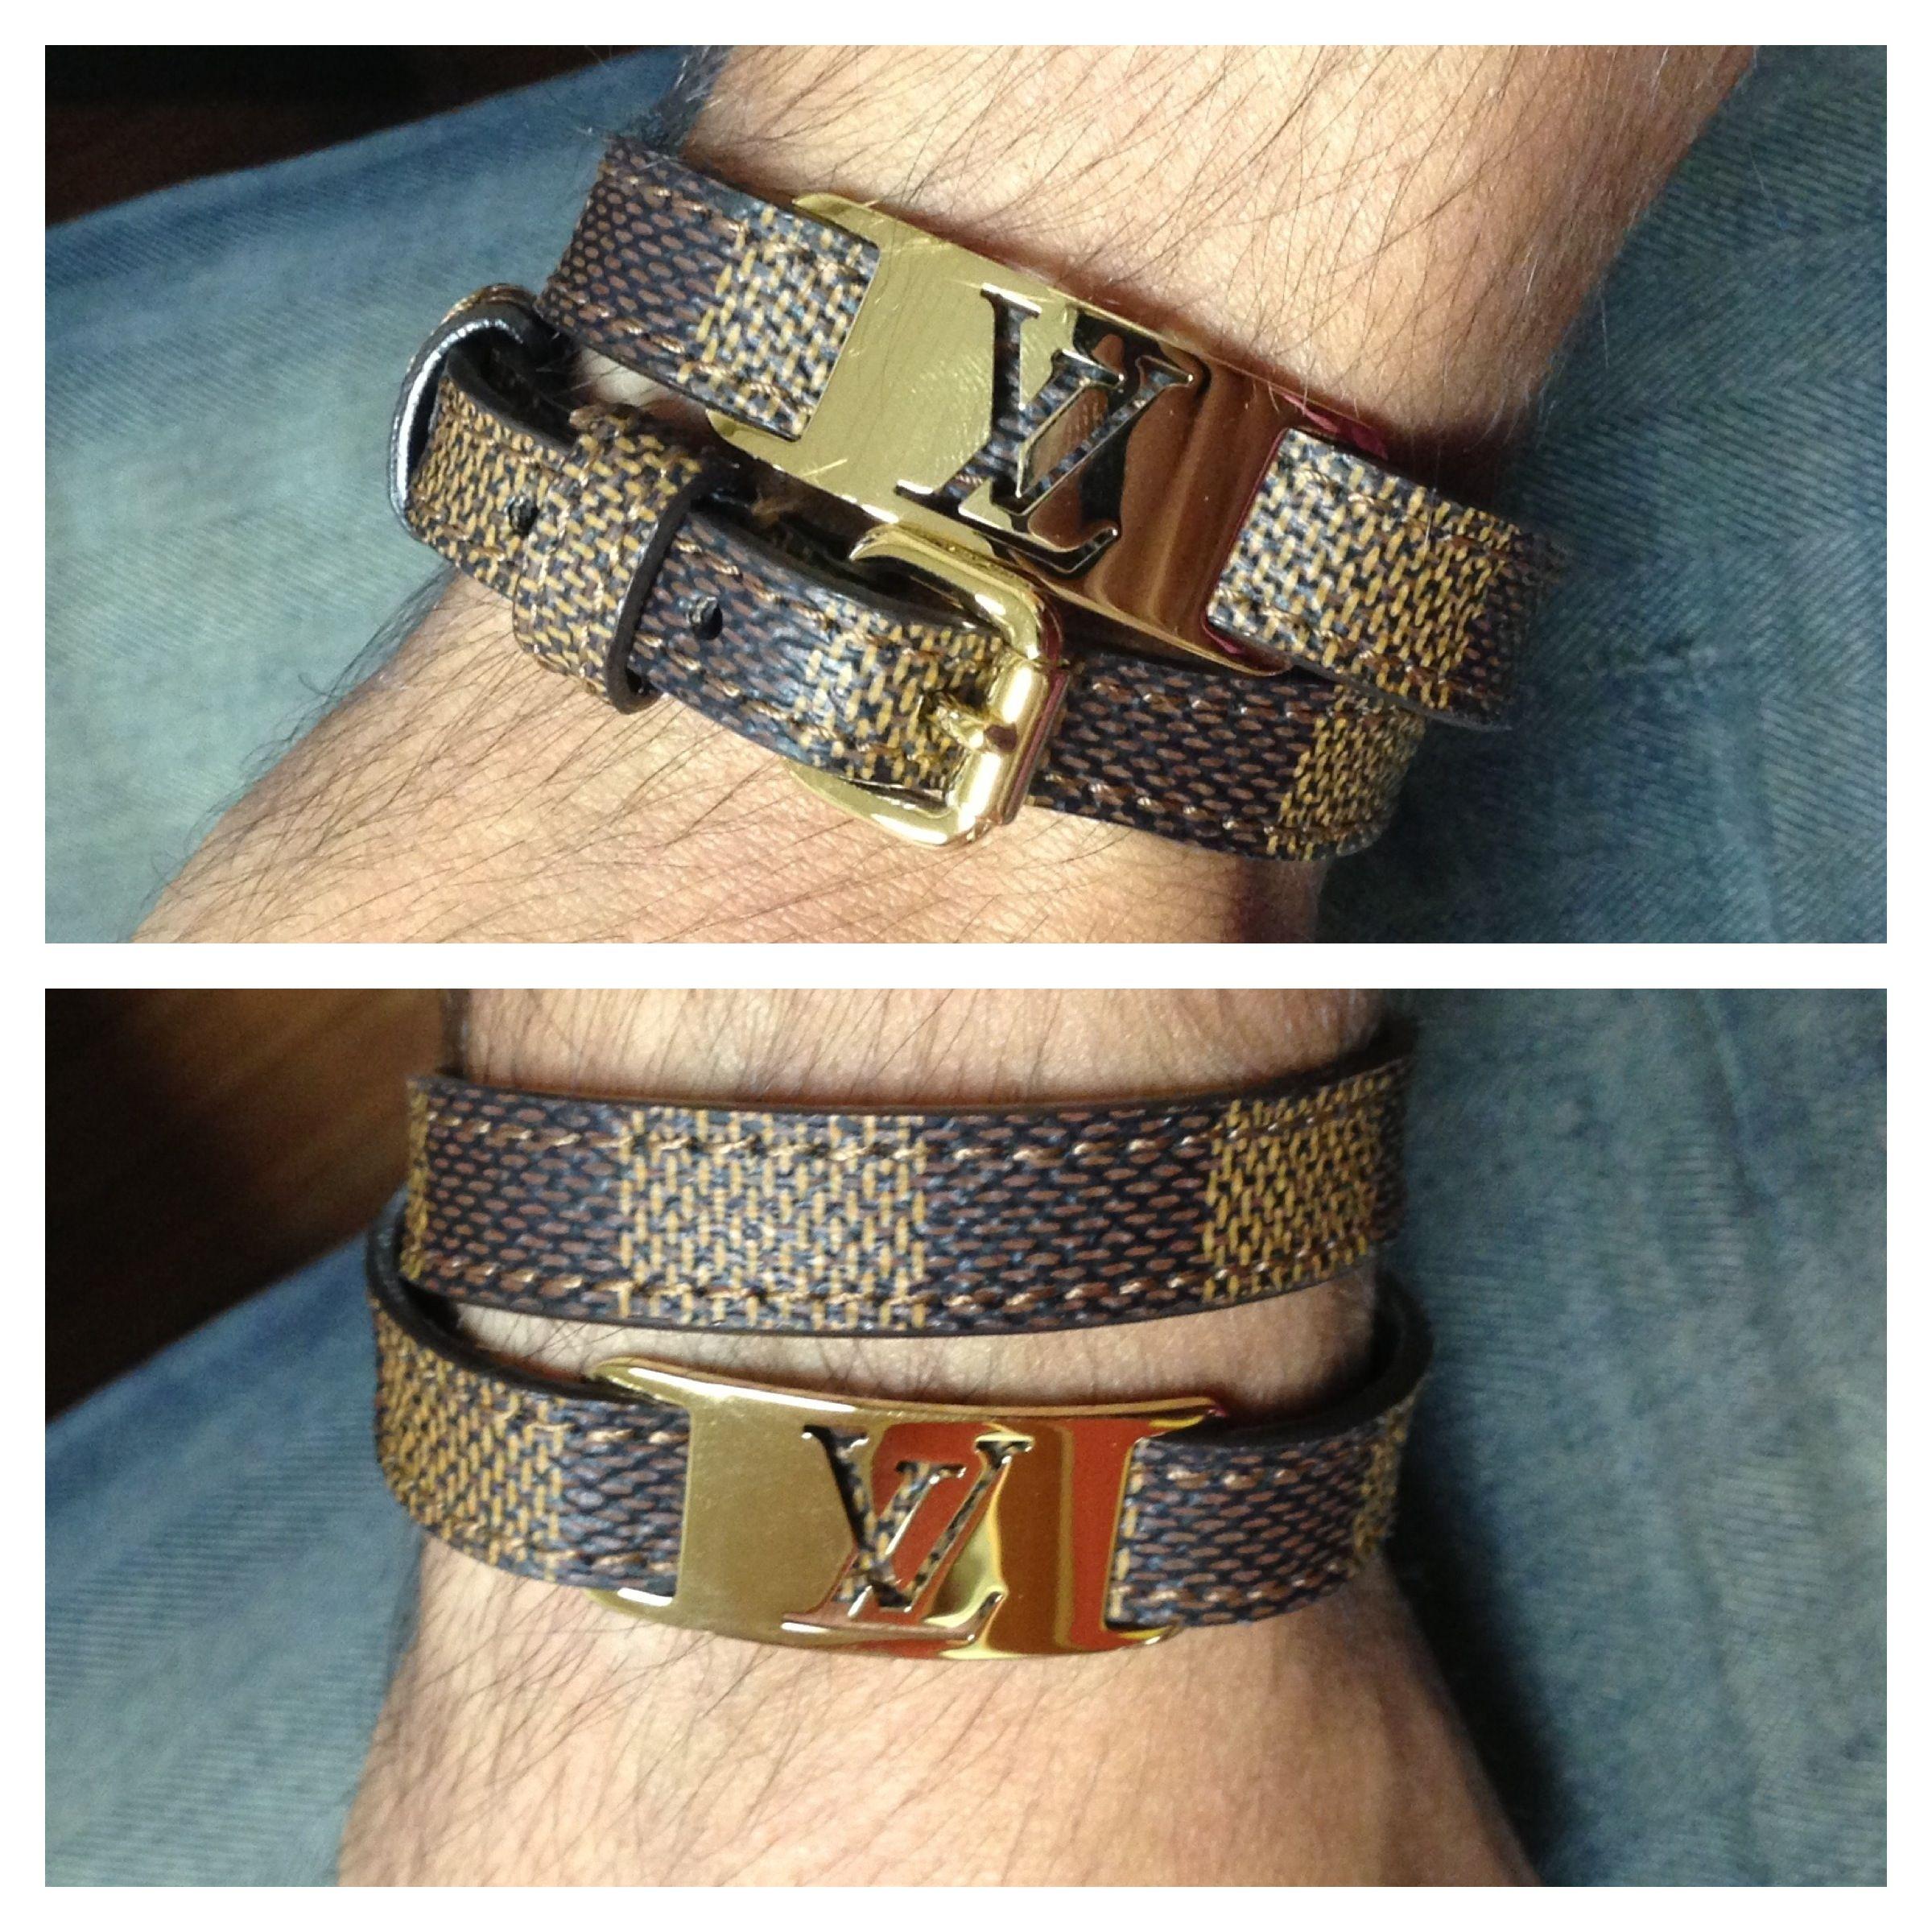 1ffd8dfea8d Louis Vuitton bracelet for men | Men's style in 2019 | Louis vuitton ...